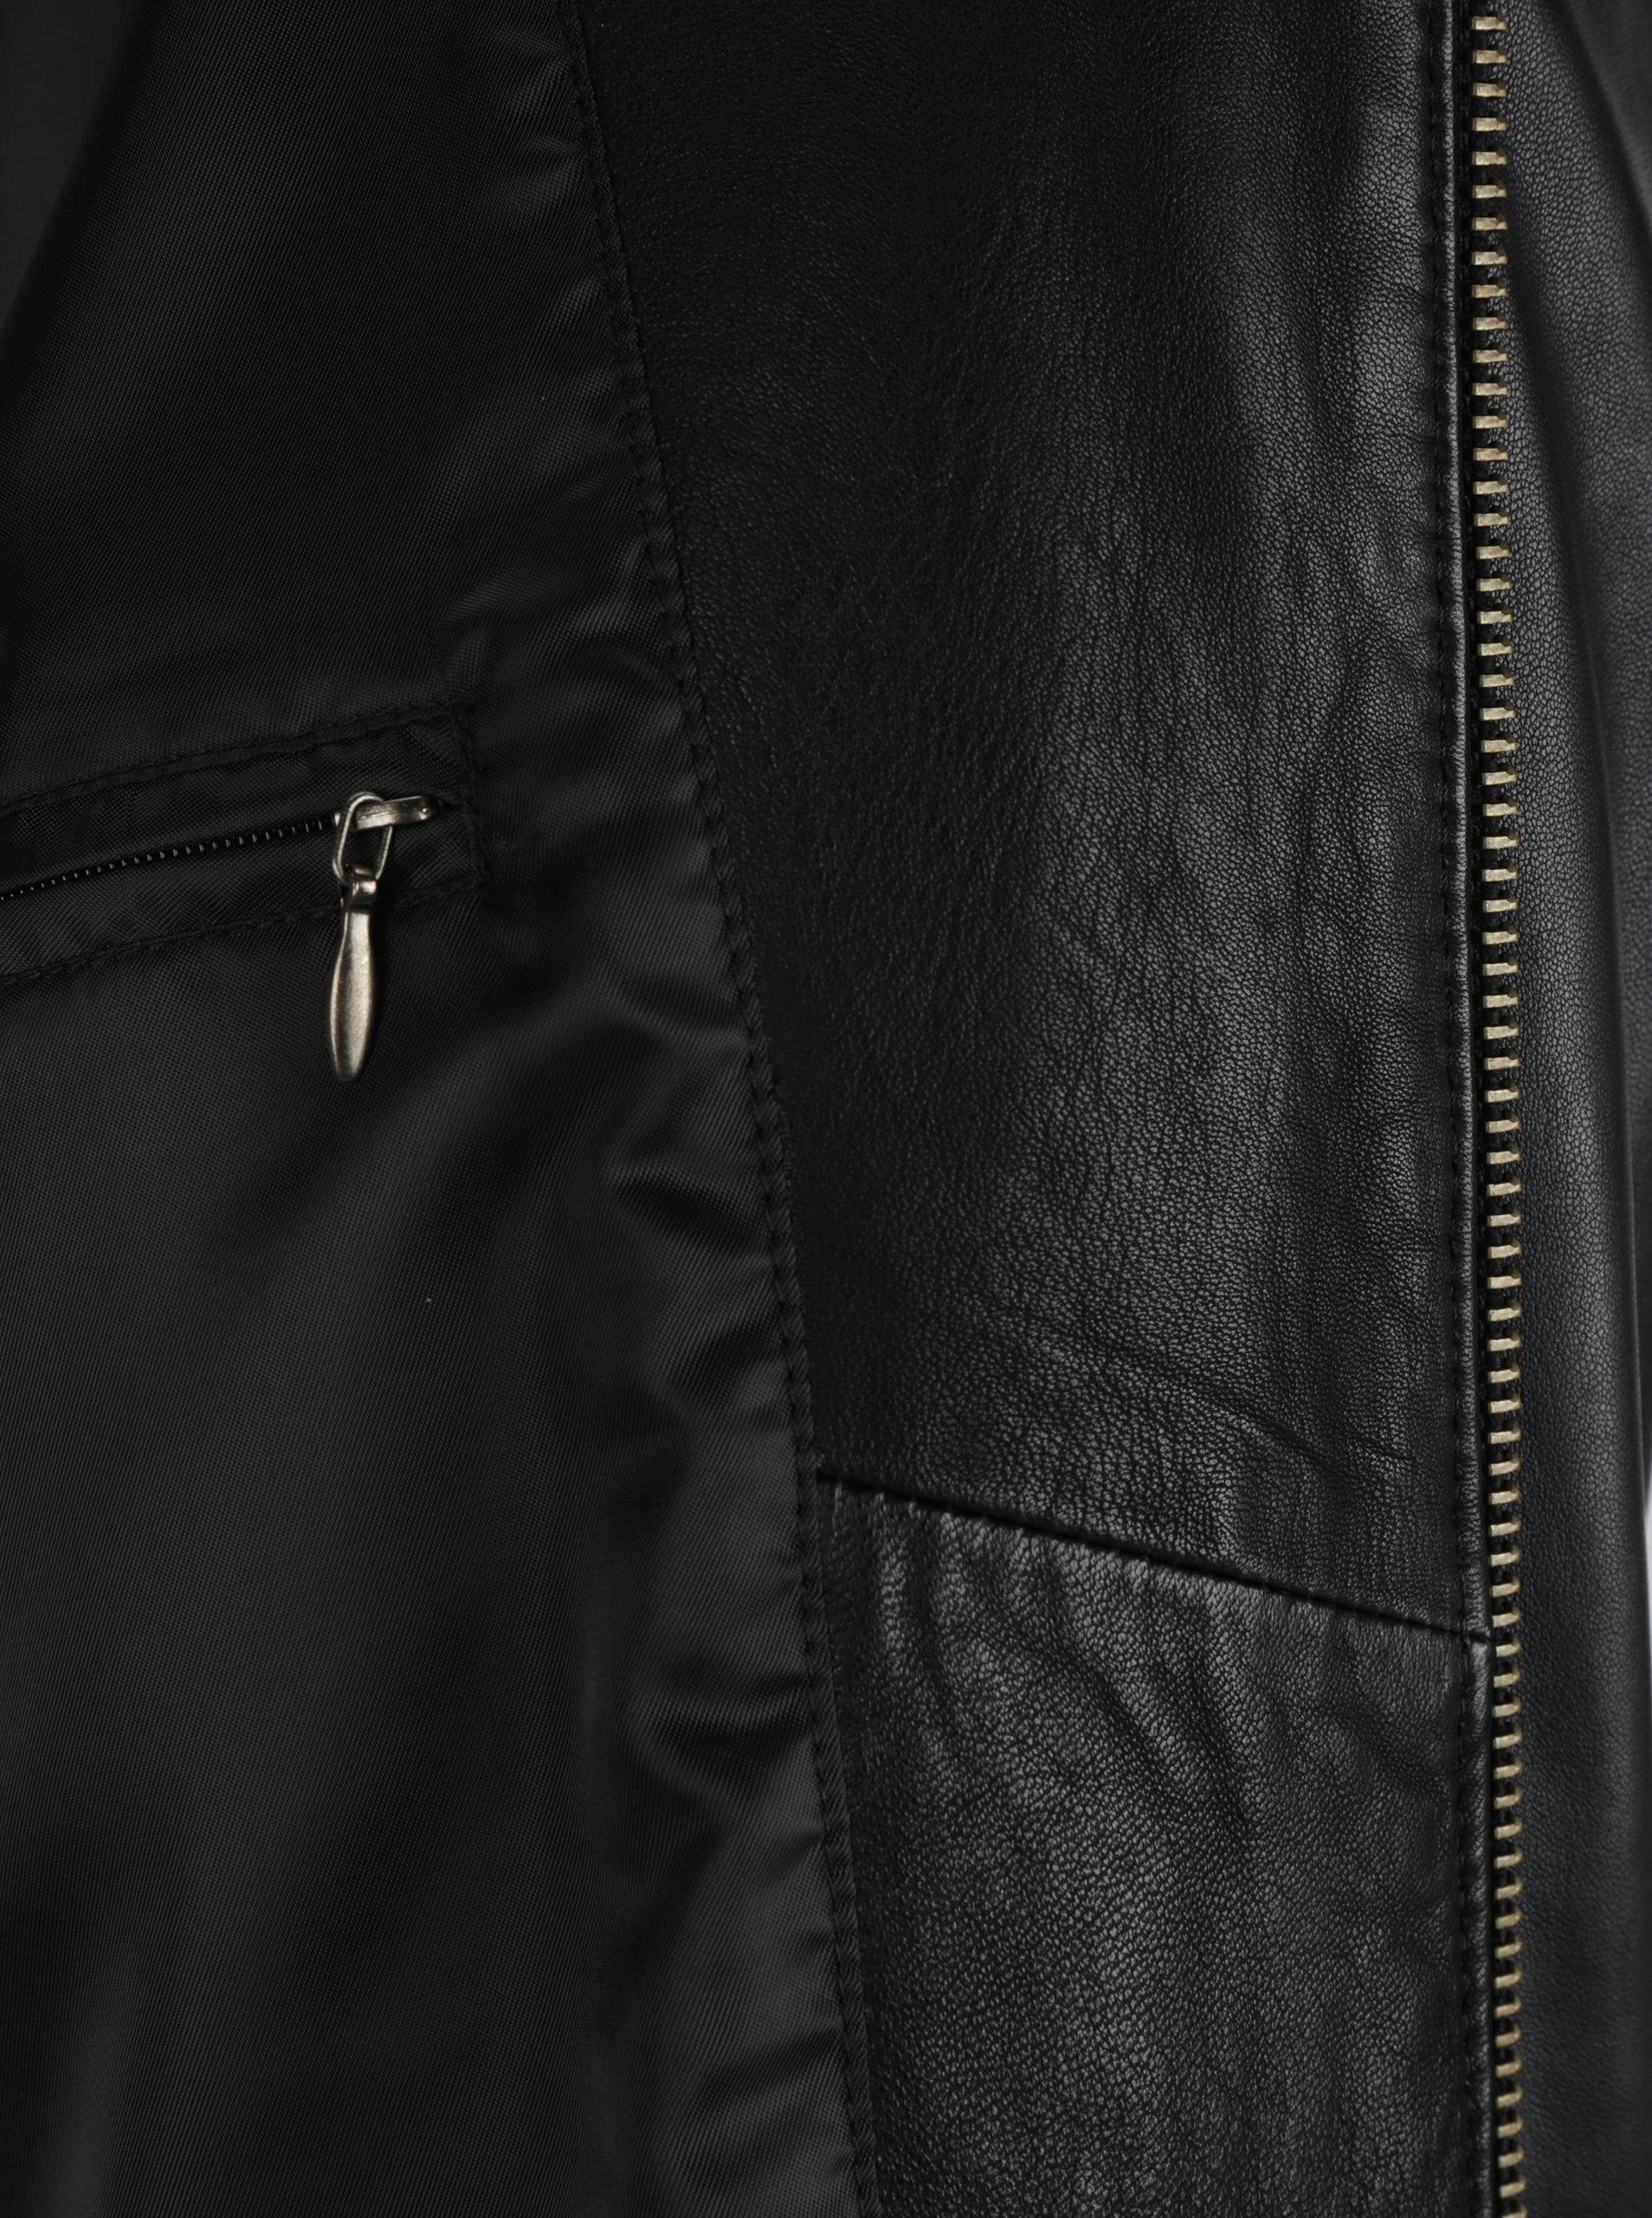 Čierna pánska kožená bunda s vreckami KARA ... f18a9593e0a